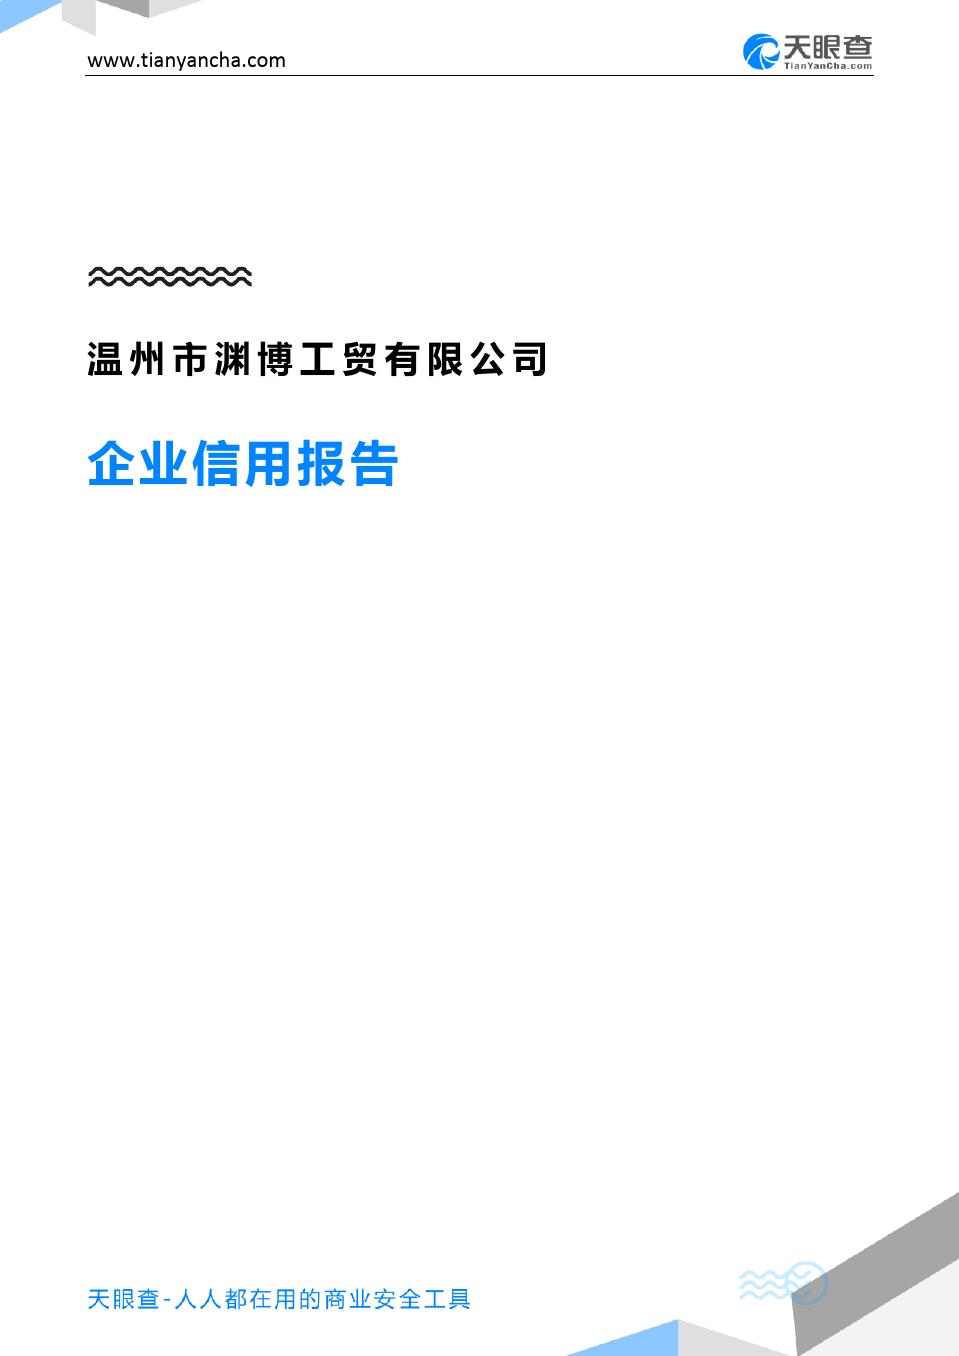 温州市渊博工贸有限公司(企业信用报告)- 天眼查